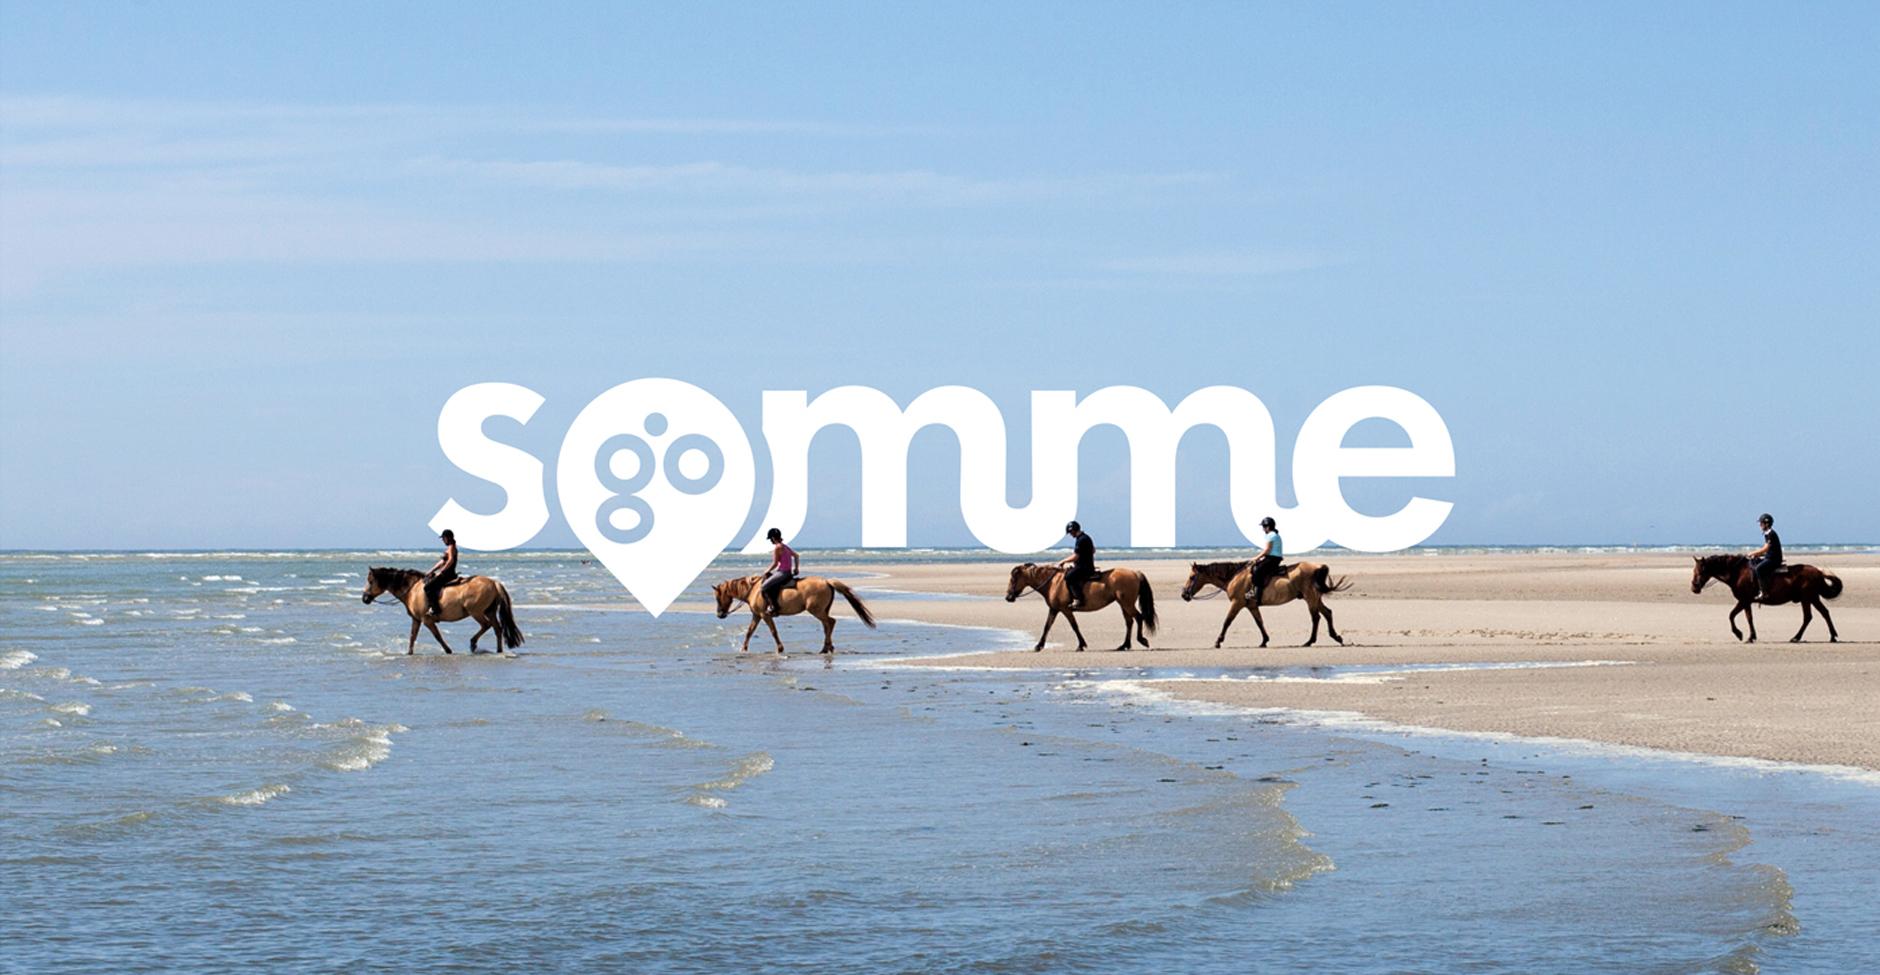 tourisme, identité visuelle, logo, hauts-de-france